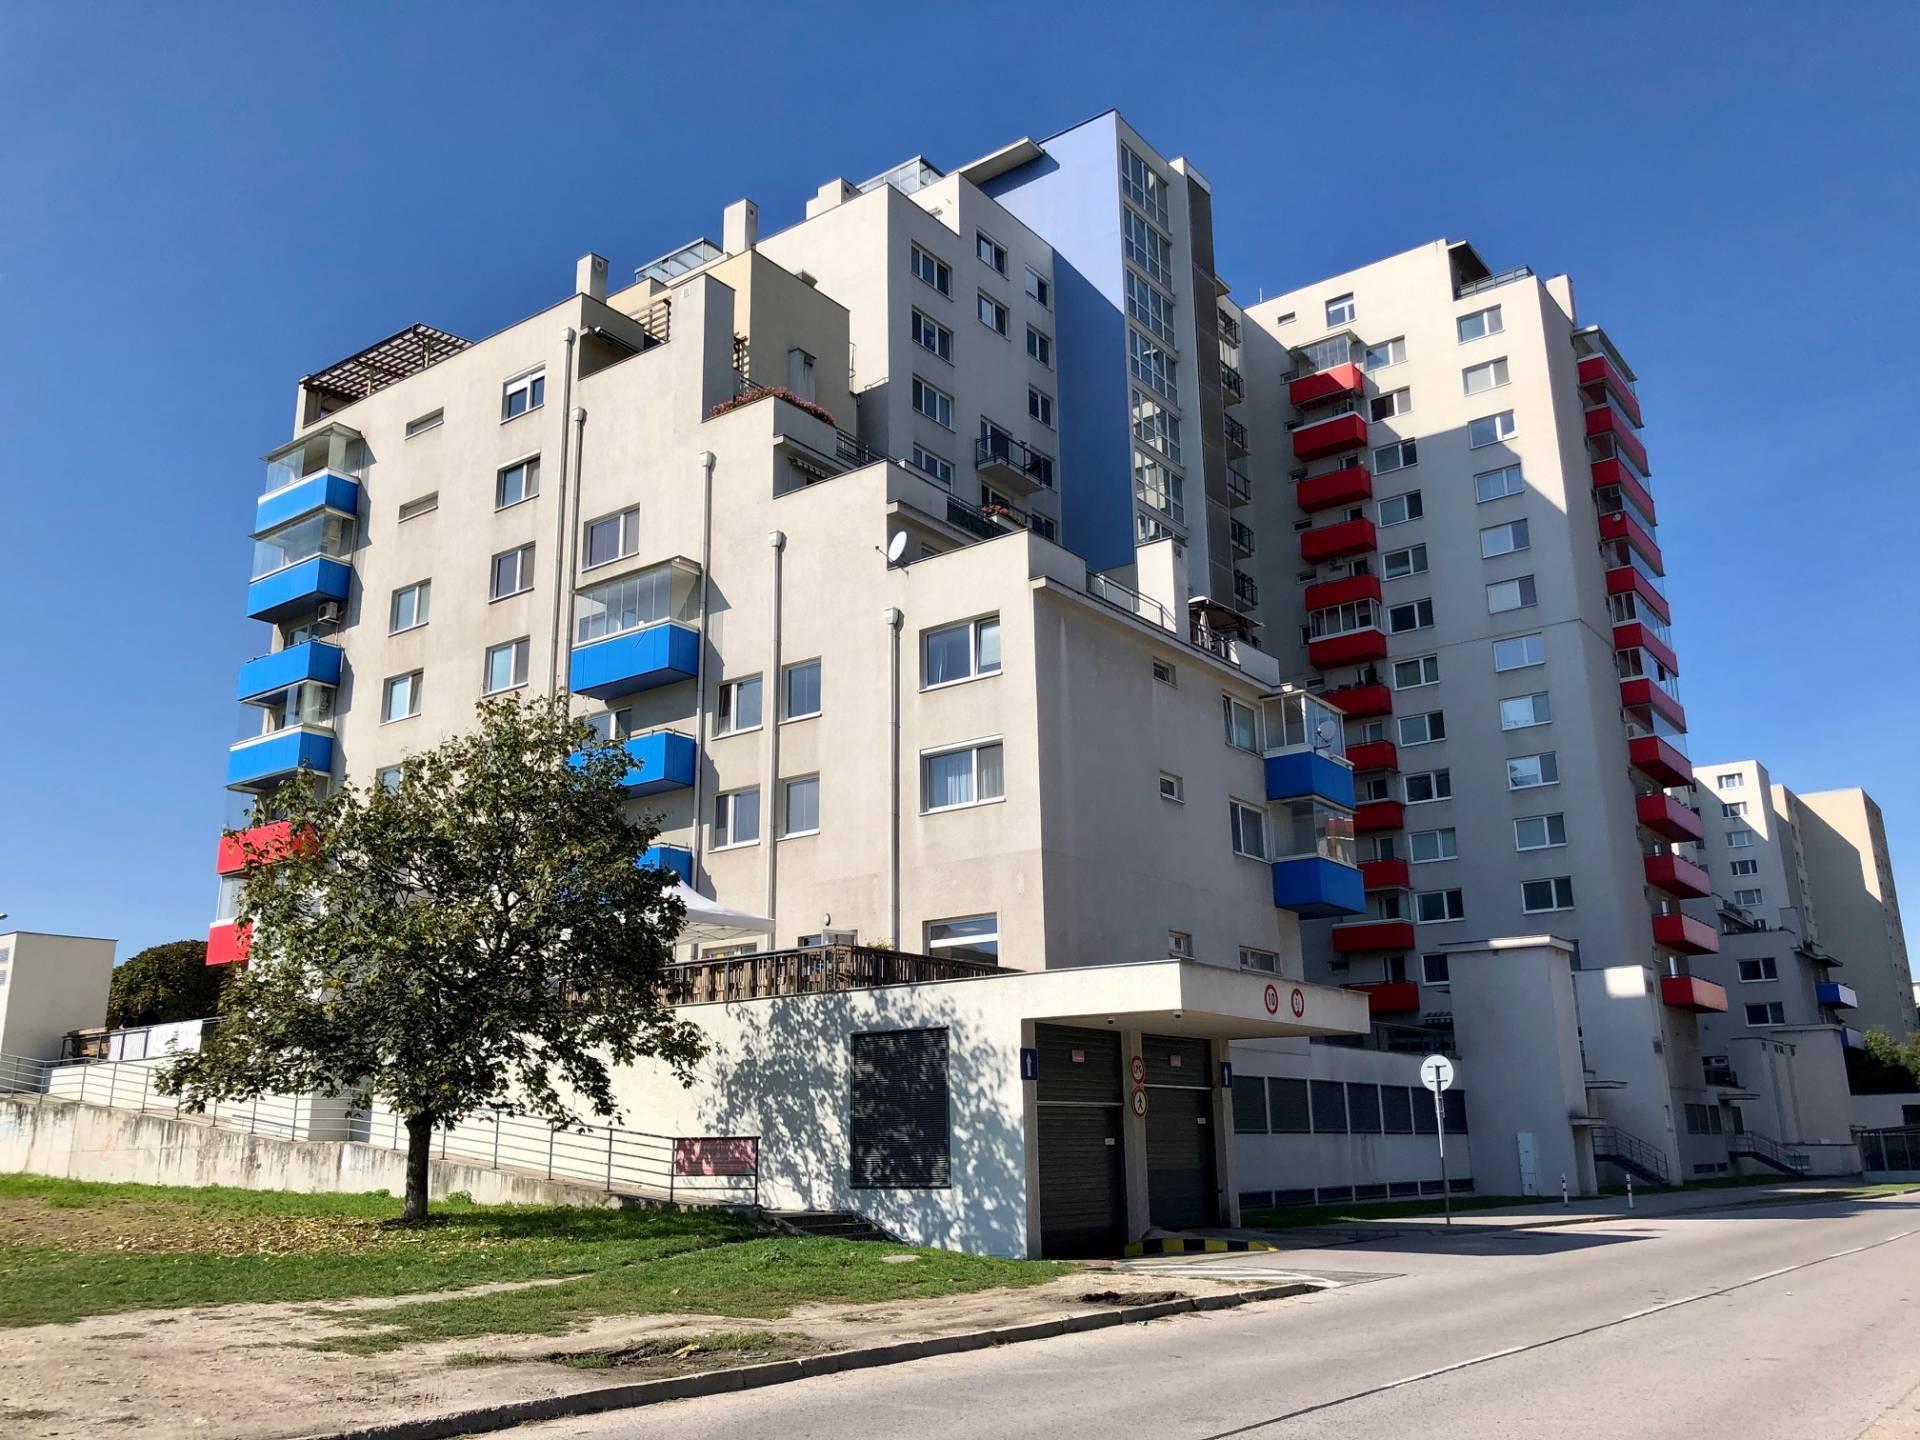 NA PRENÁJOM: Parkovacie státie v bytovom dome Rustica, Dúbravka